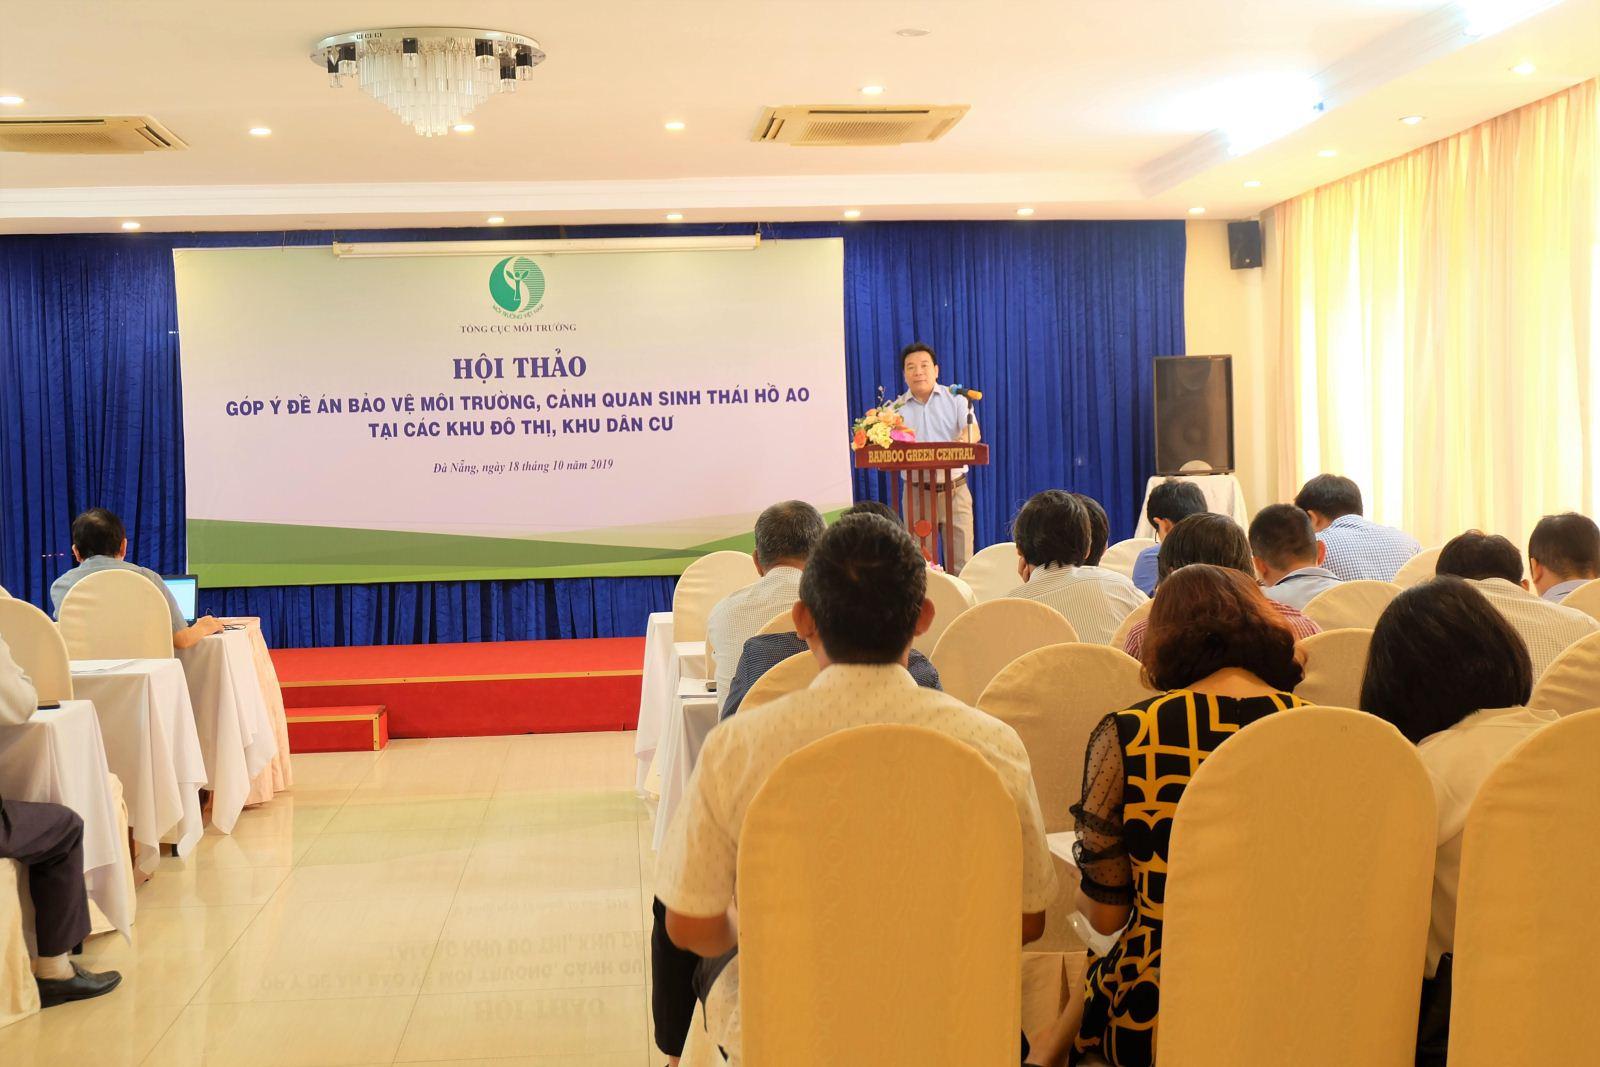 """Hội thảo góp ý xây dựng """"Đề án Bảo vệ môi trường, cảnh quan sinh thái hồ, ao tại các khu đô thị, khu dân cư"""" tại 3 miền Bắc, Trung, Nam"""